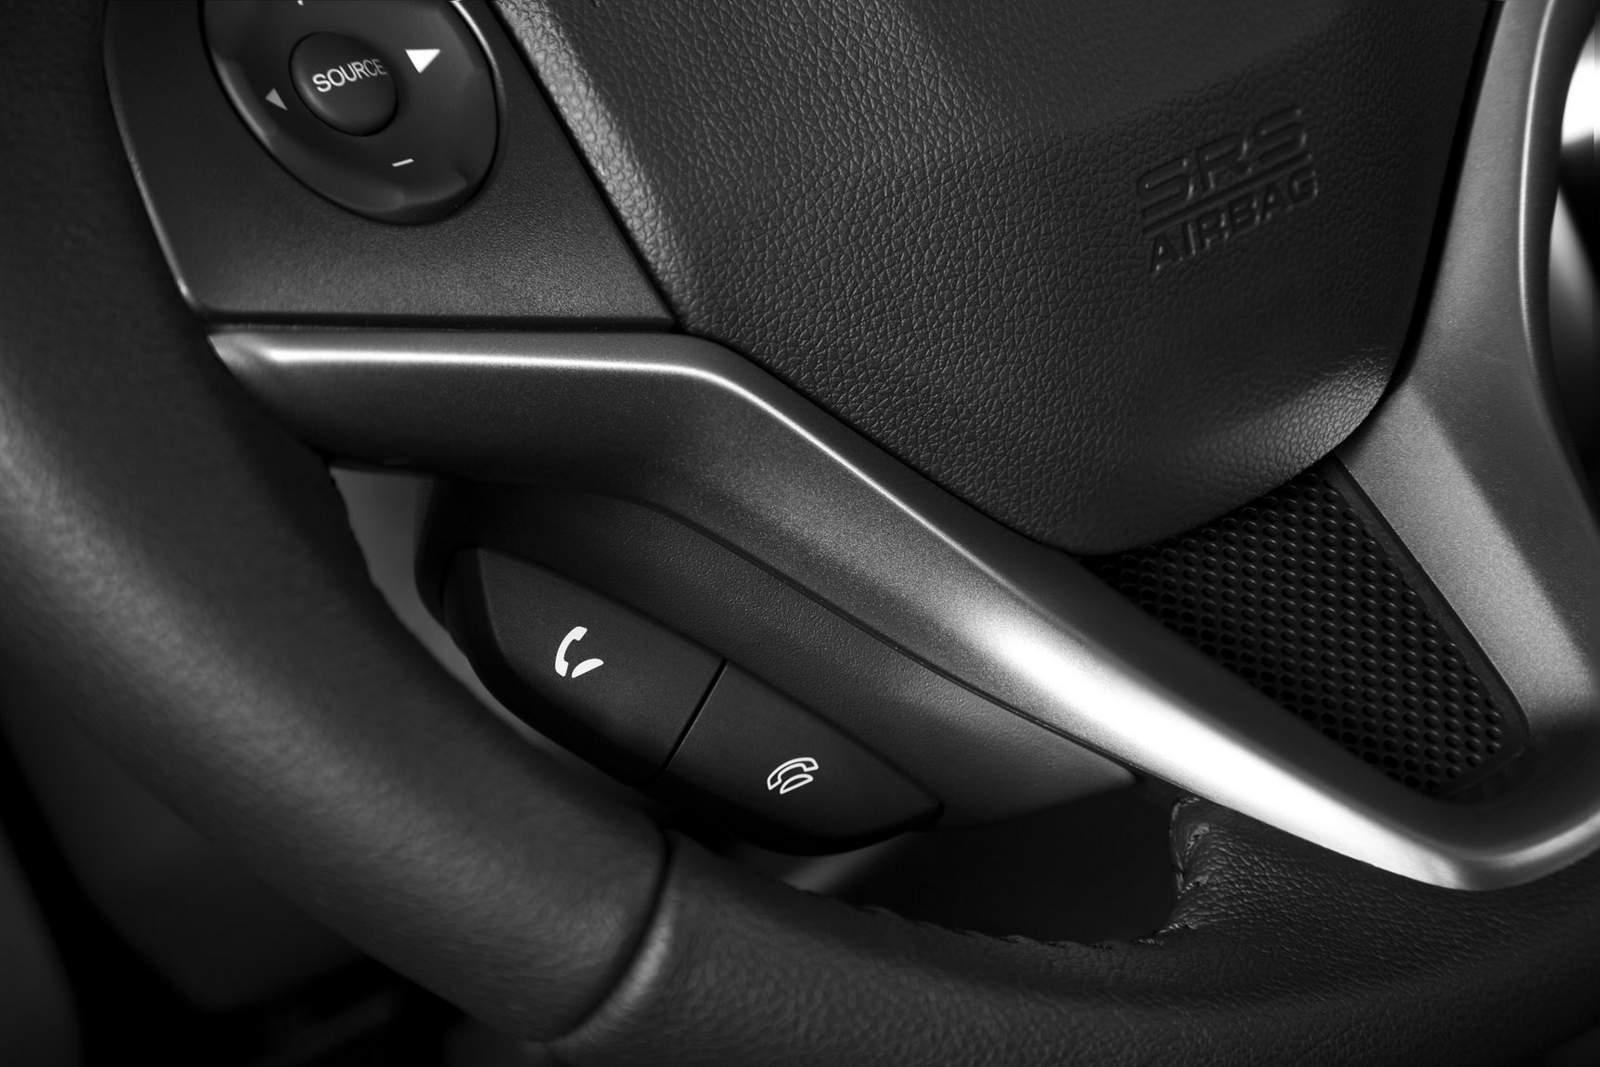 Novo Honda City 2015 - interior - volante